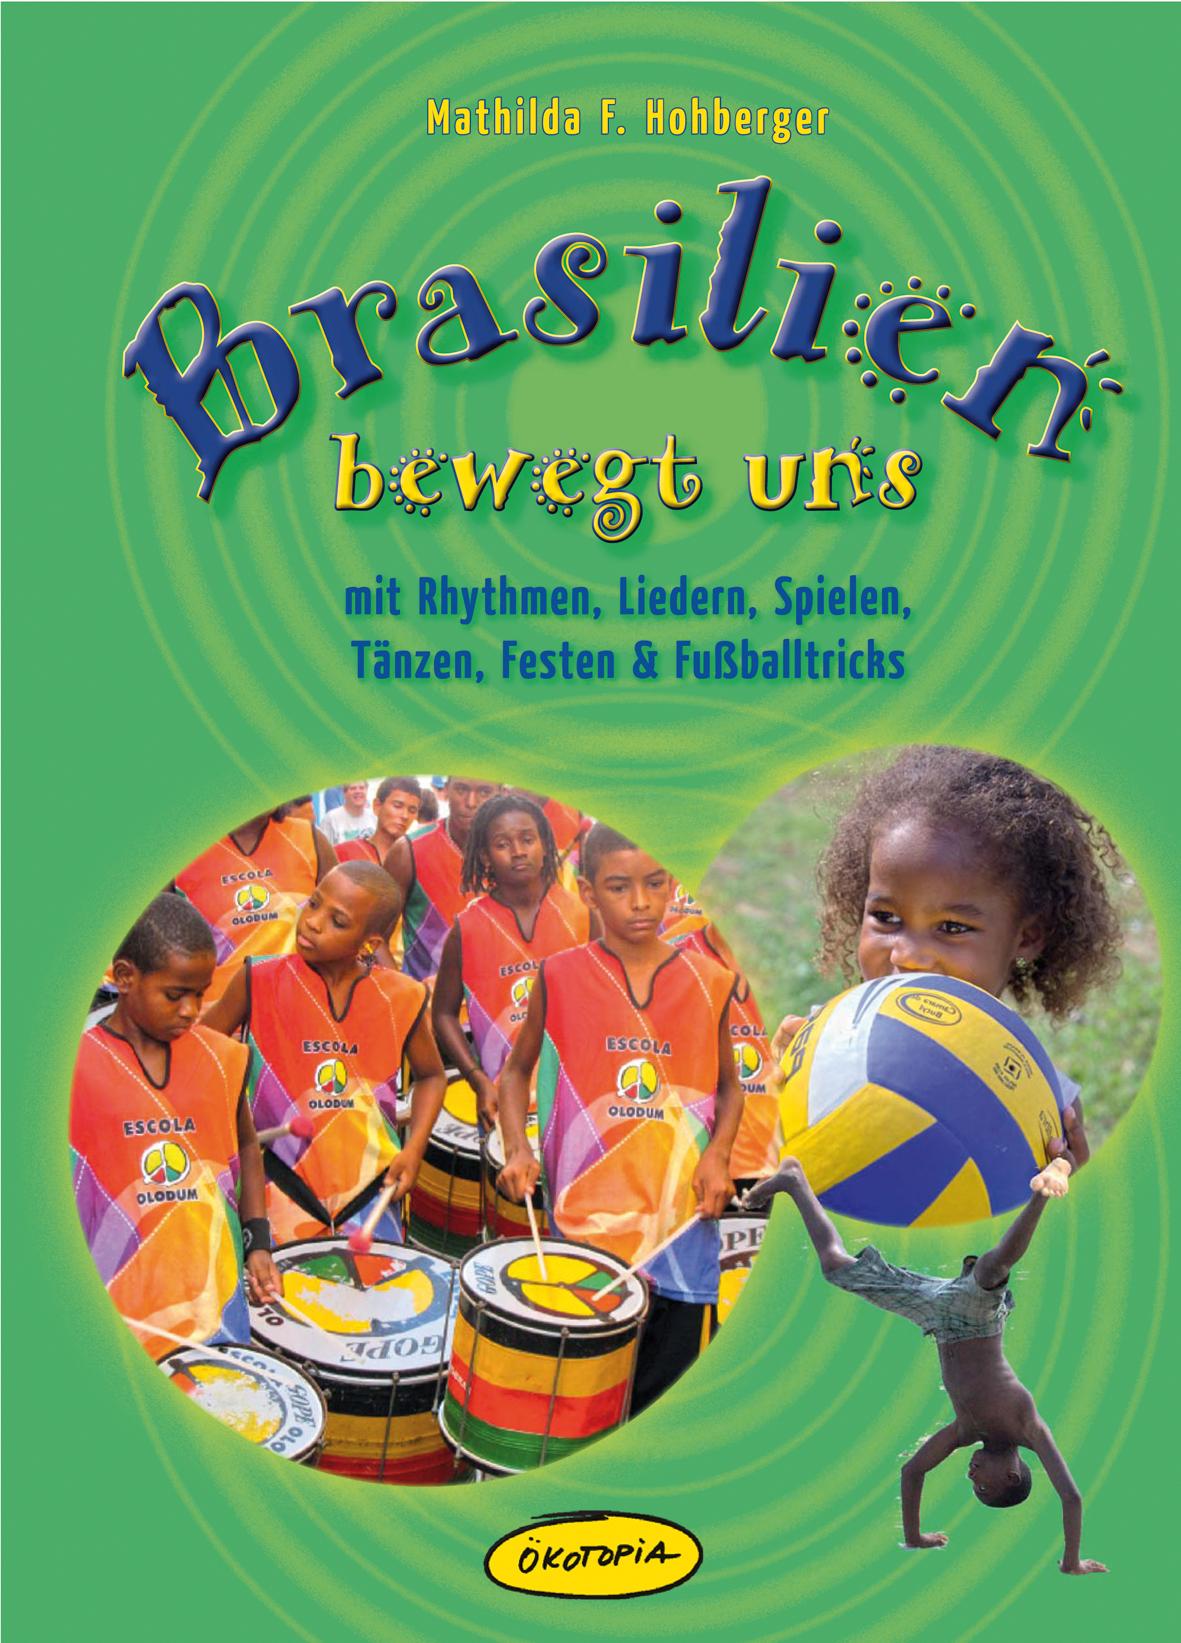 Brasilien bewegt uns: mit Rhythmen, Liedern, Sp...